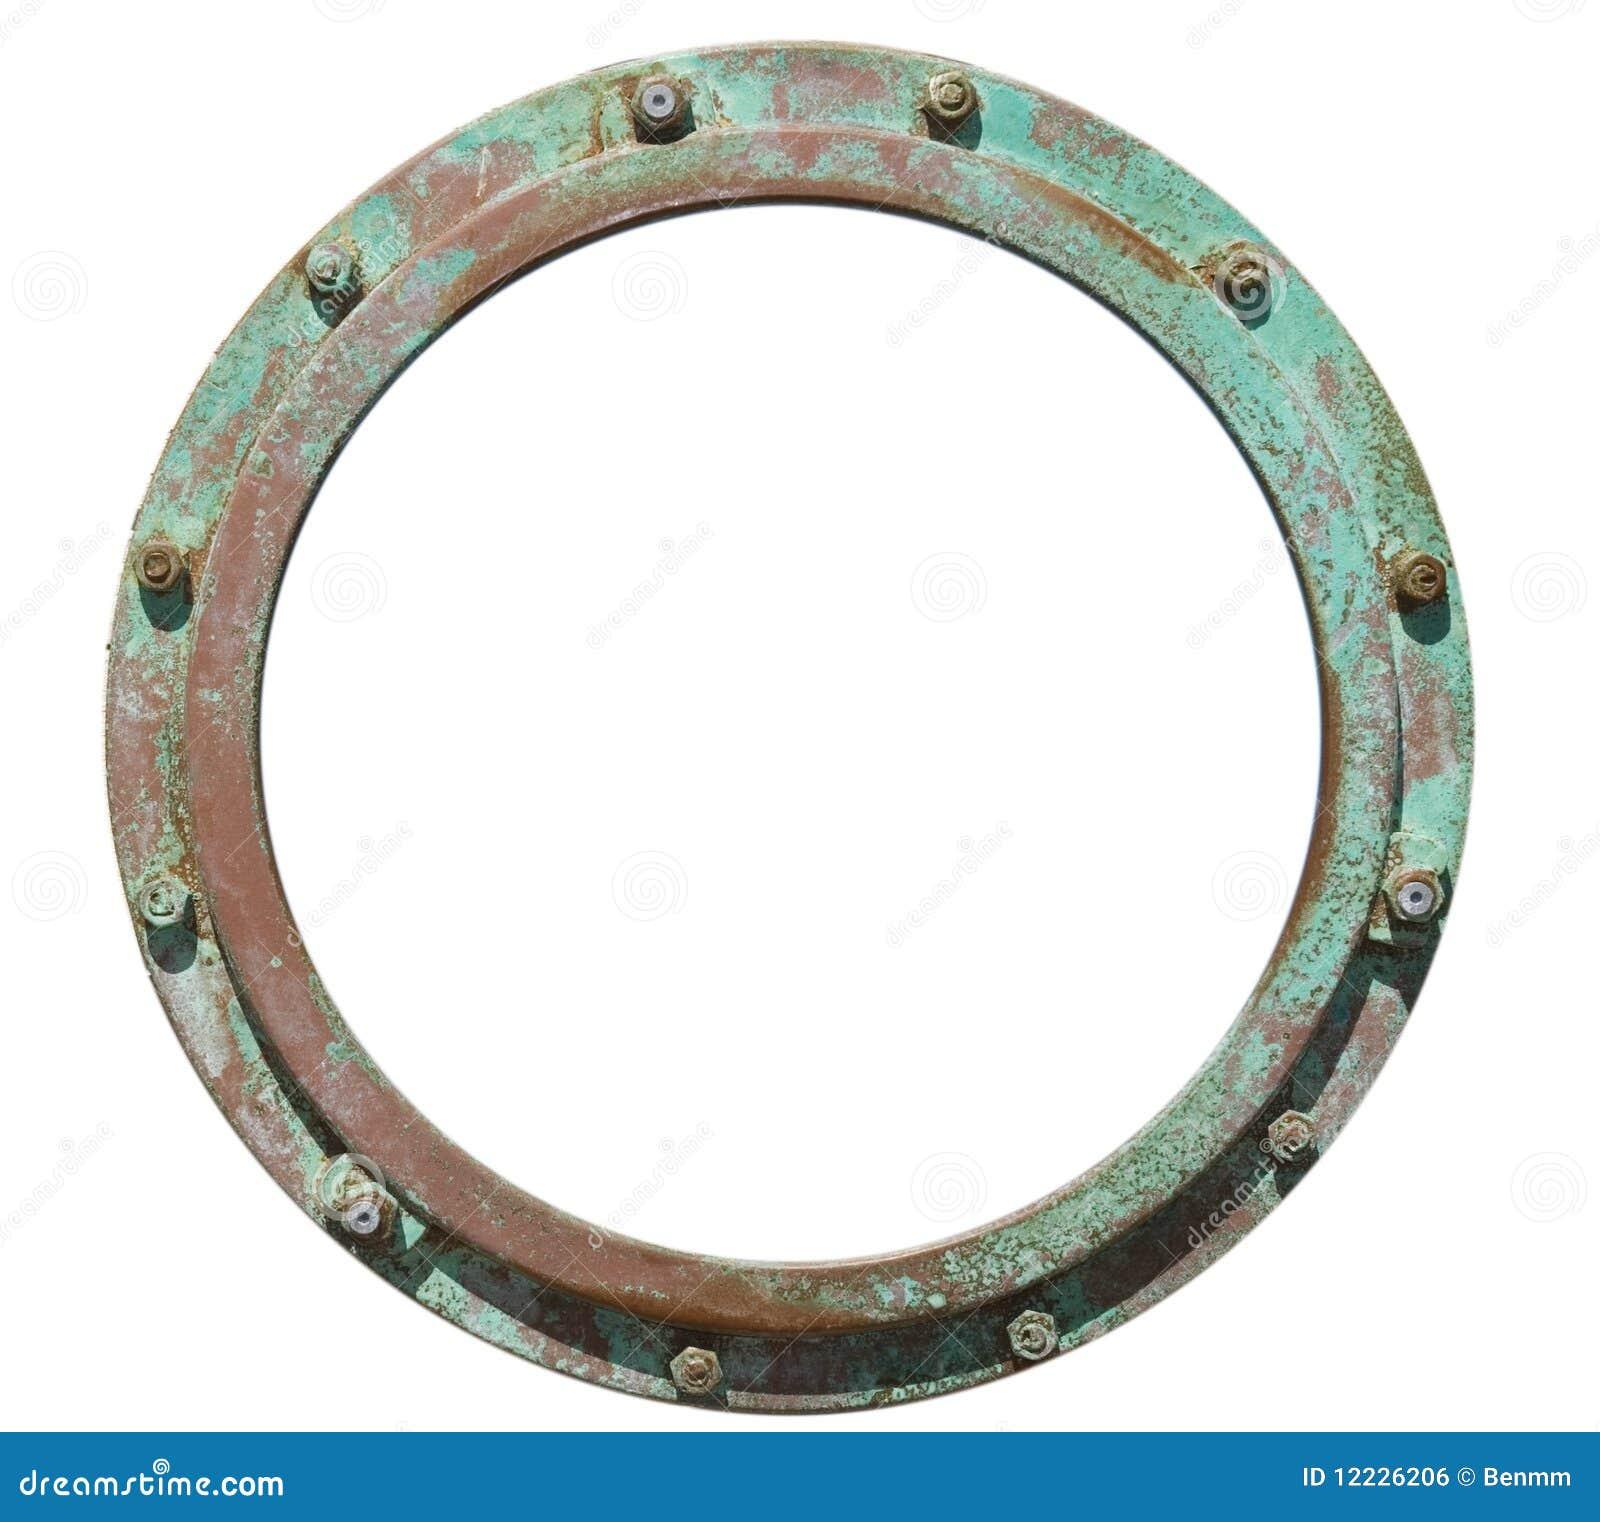 Porthole Royalty Free Stock Image Image 12226206